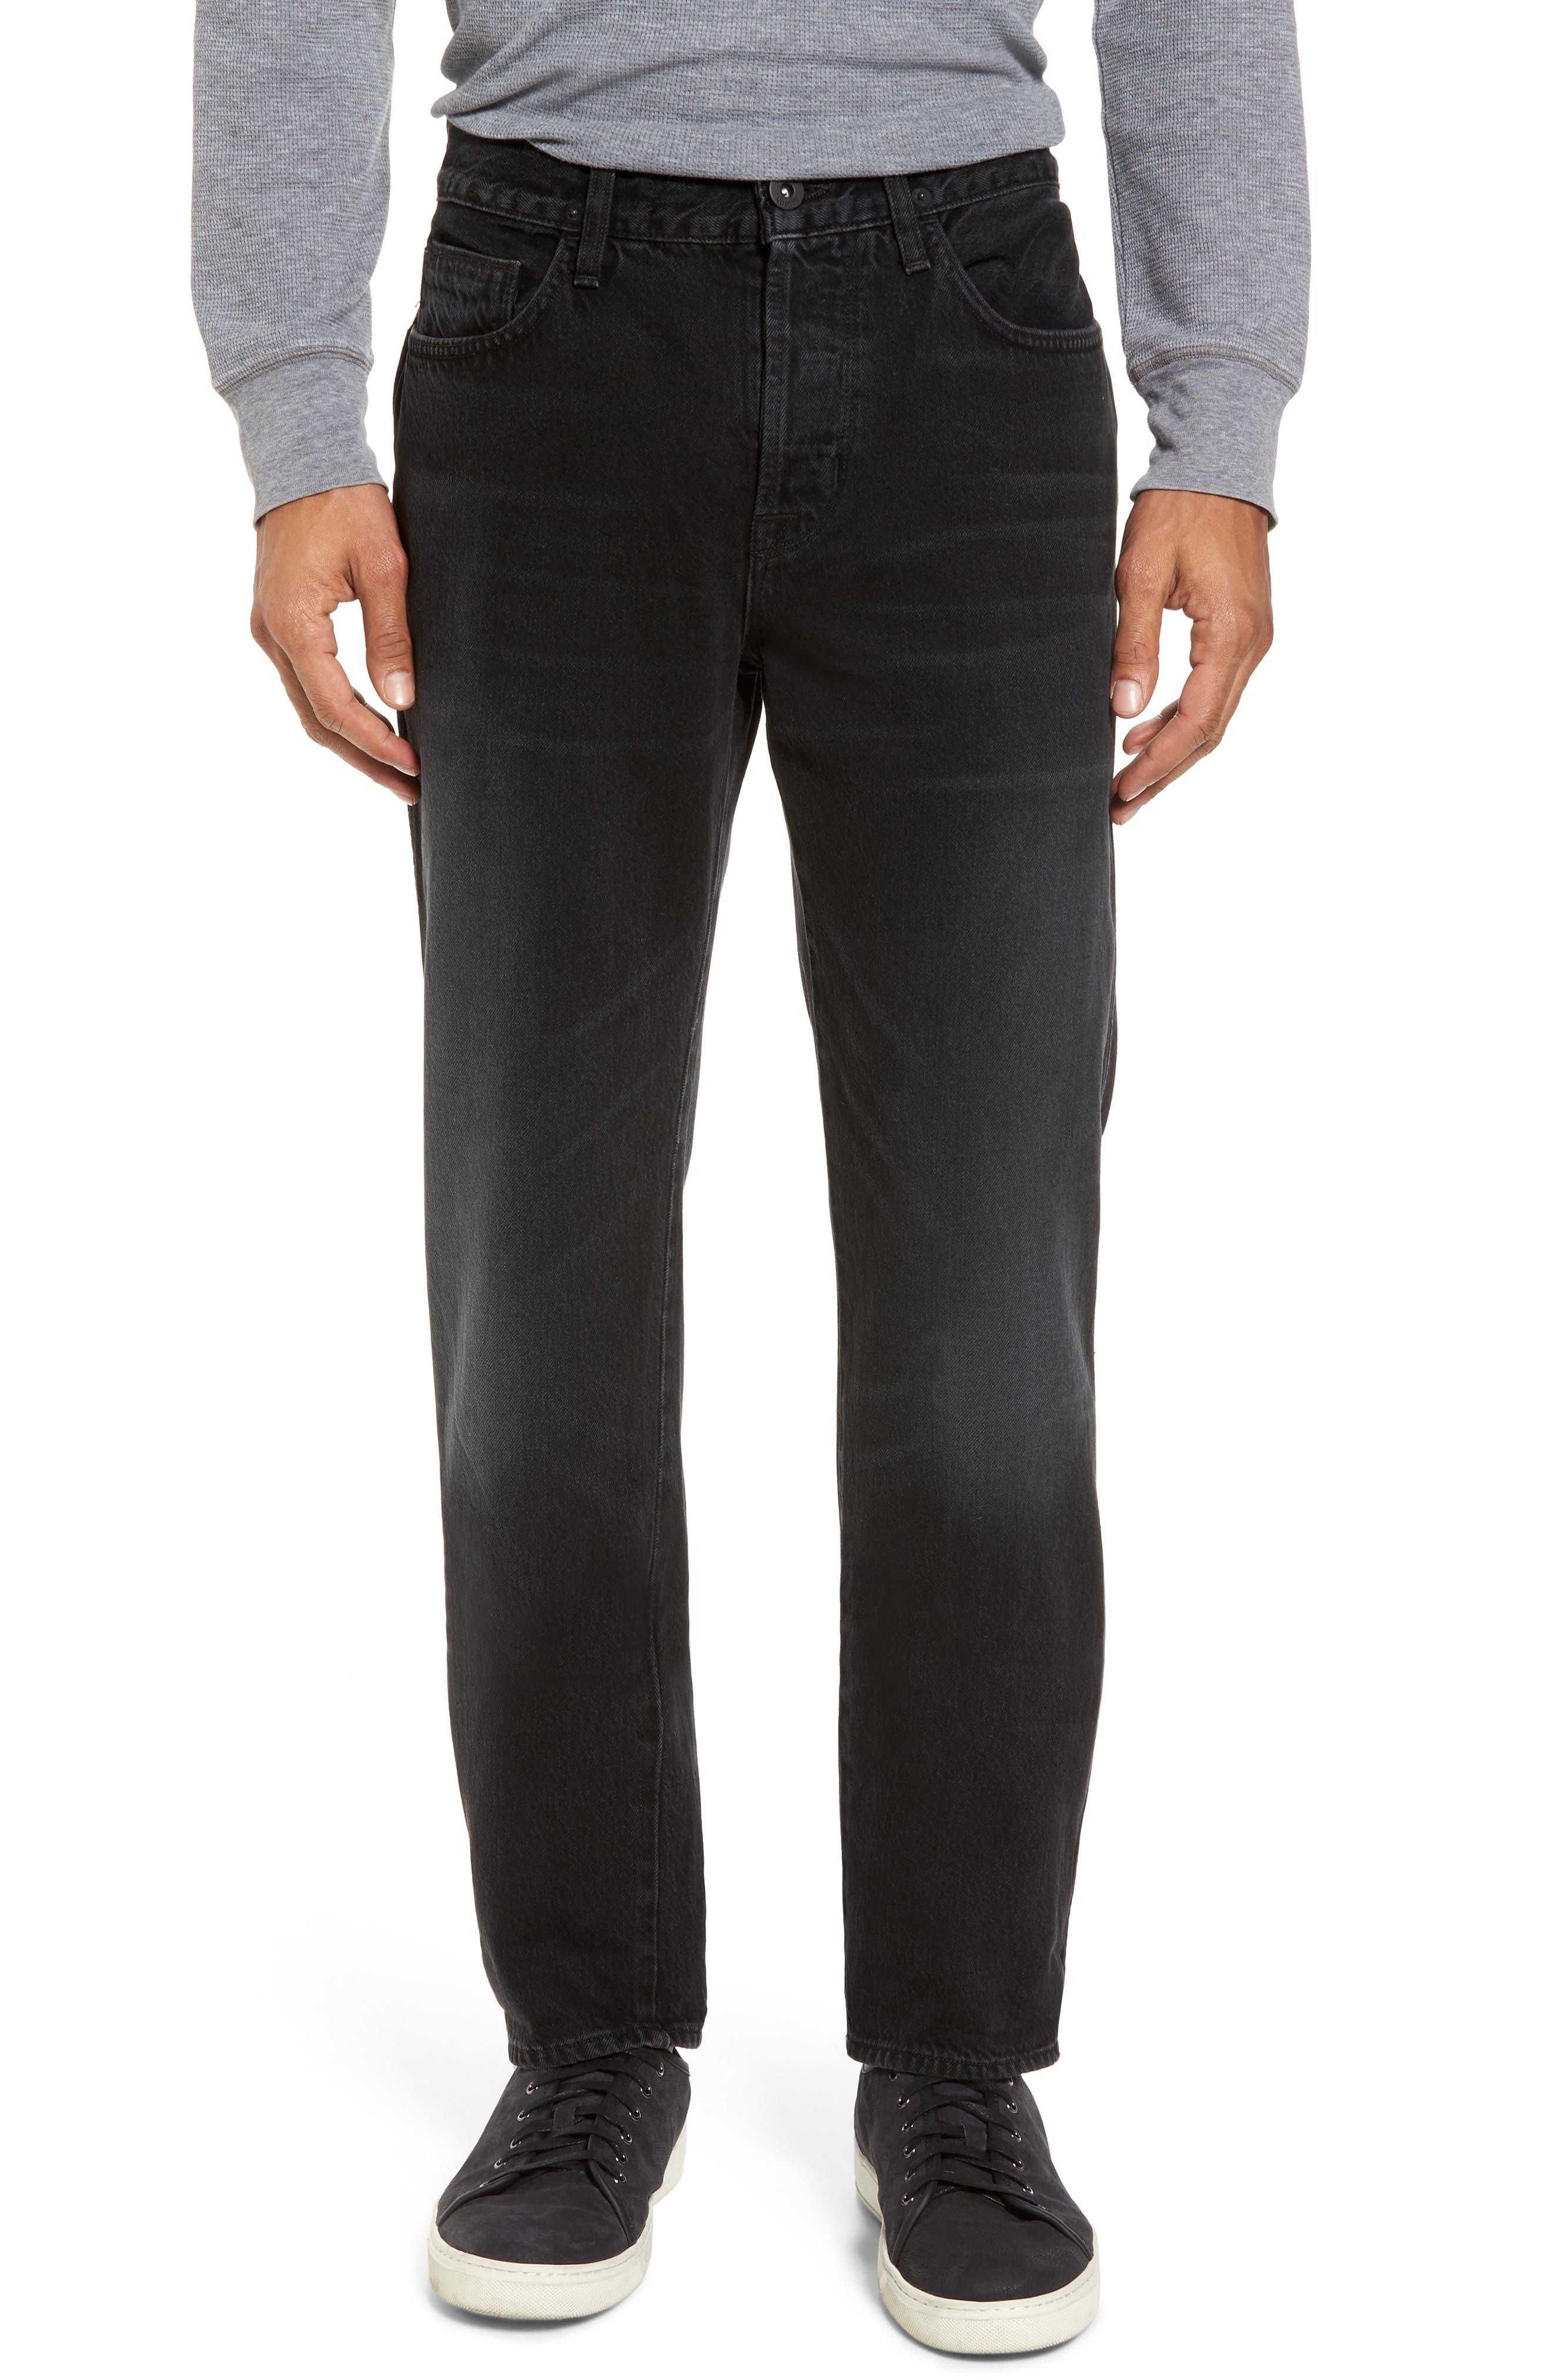 Dixon Straight Fit Jeans,                             Main thumbnail 1, color,                             001